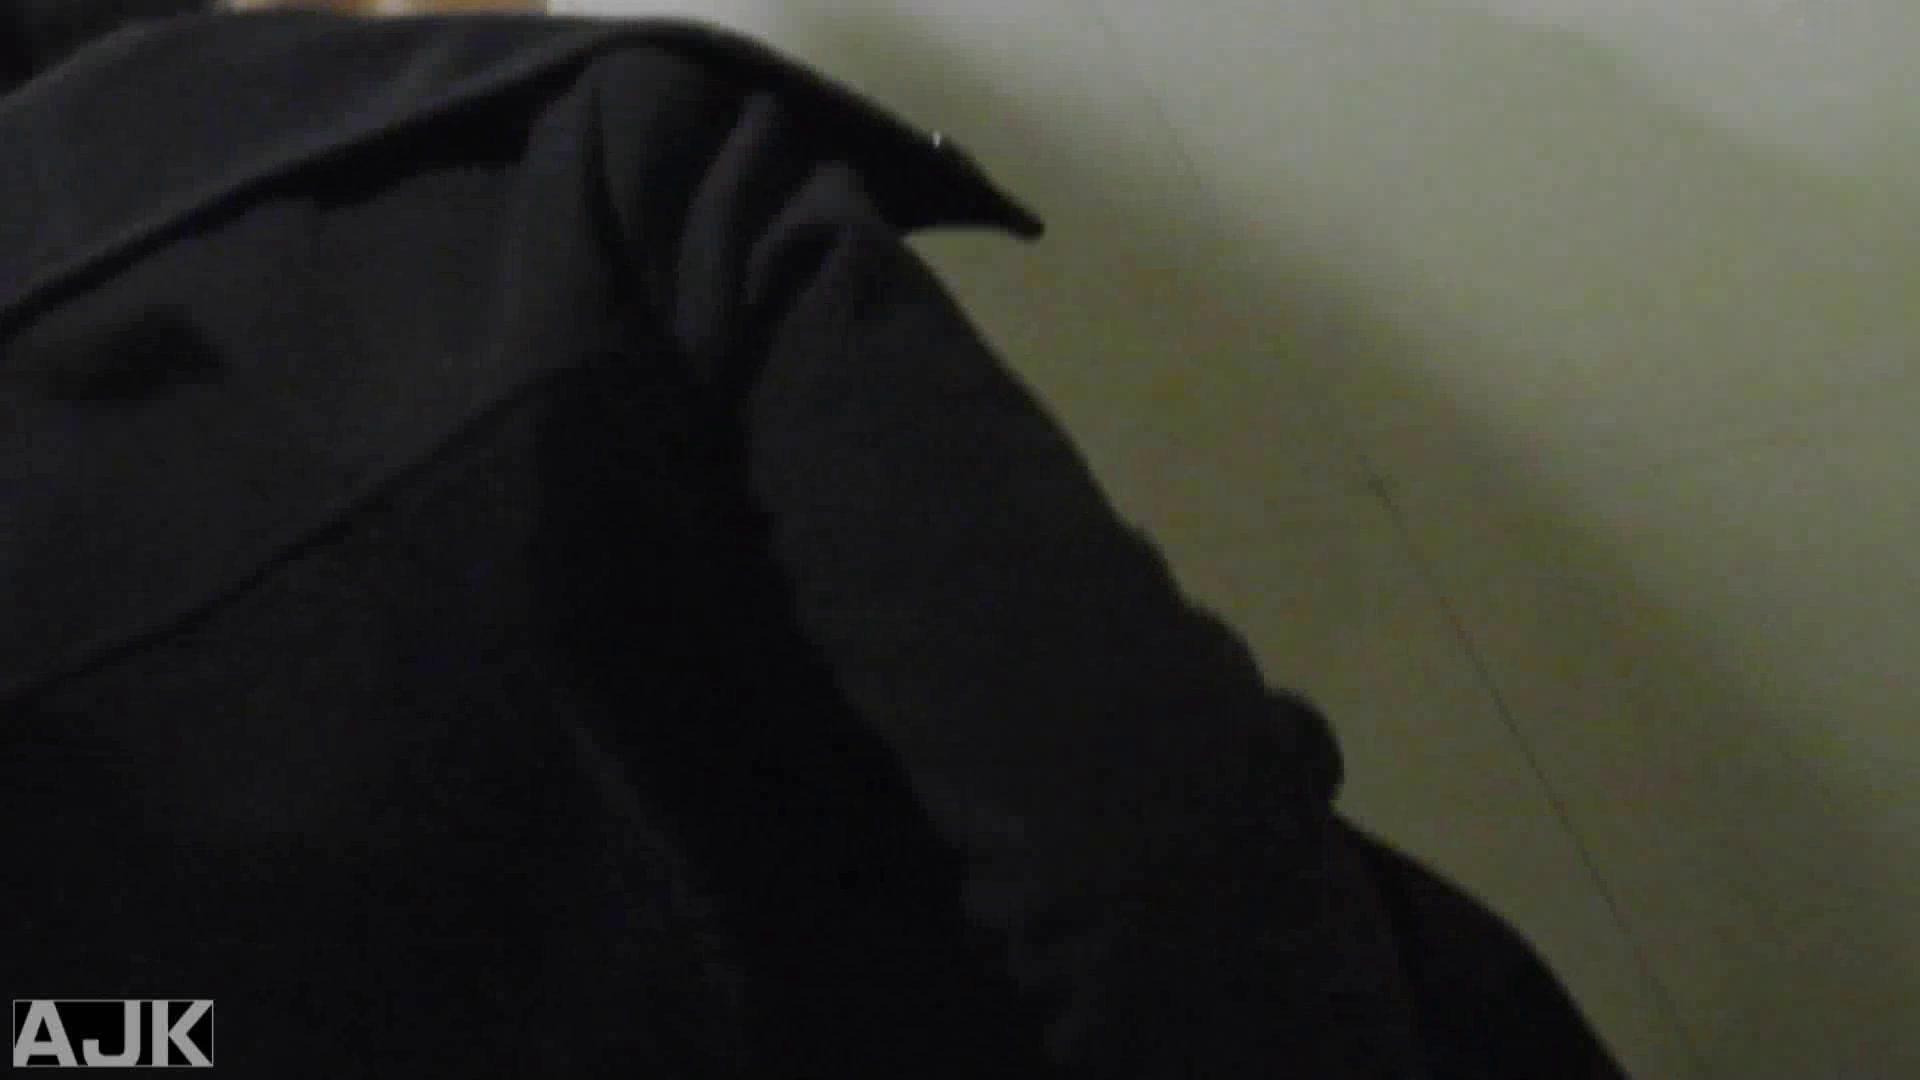 神降臨!史上最強の潜入かわや! vol.09 OLのエロ生活 盗み撮り動画キャプチャ 44連発 2